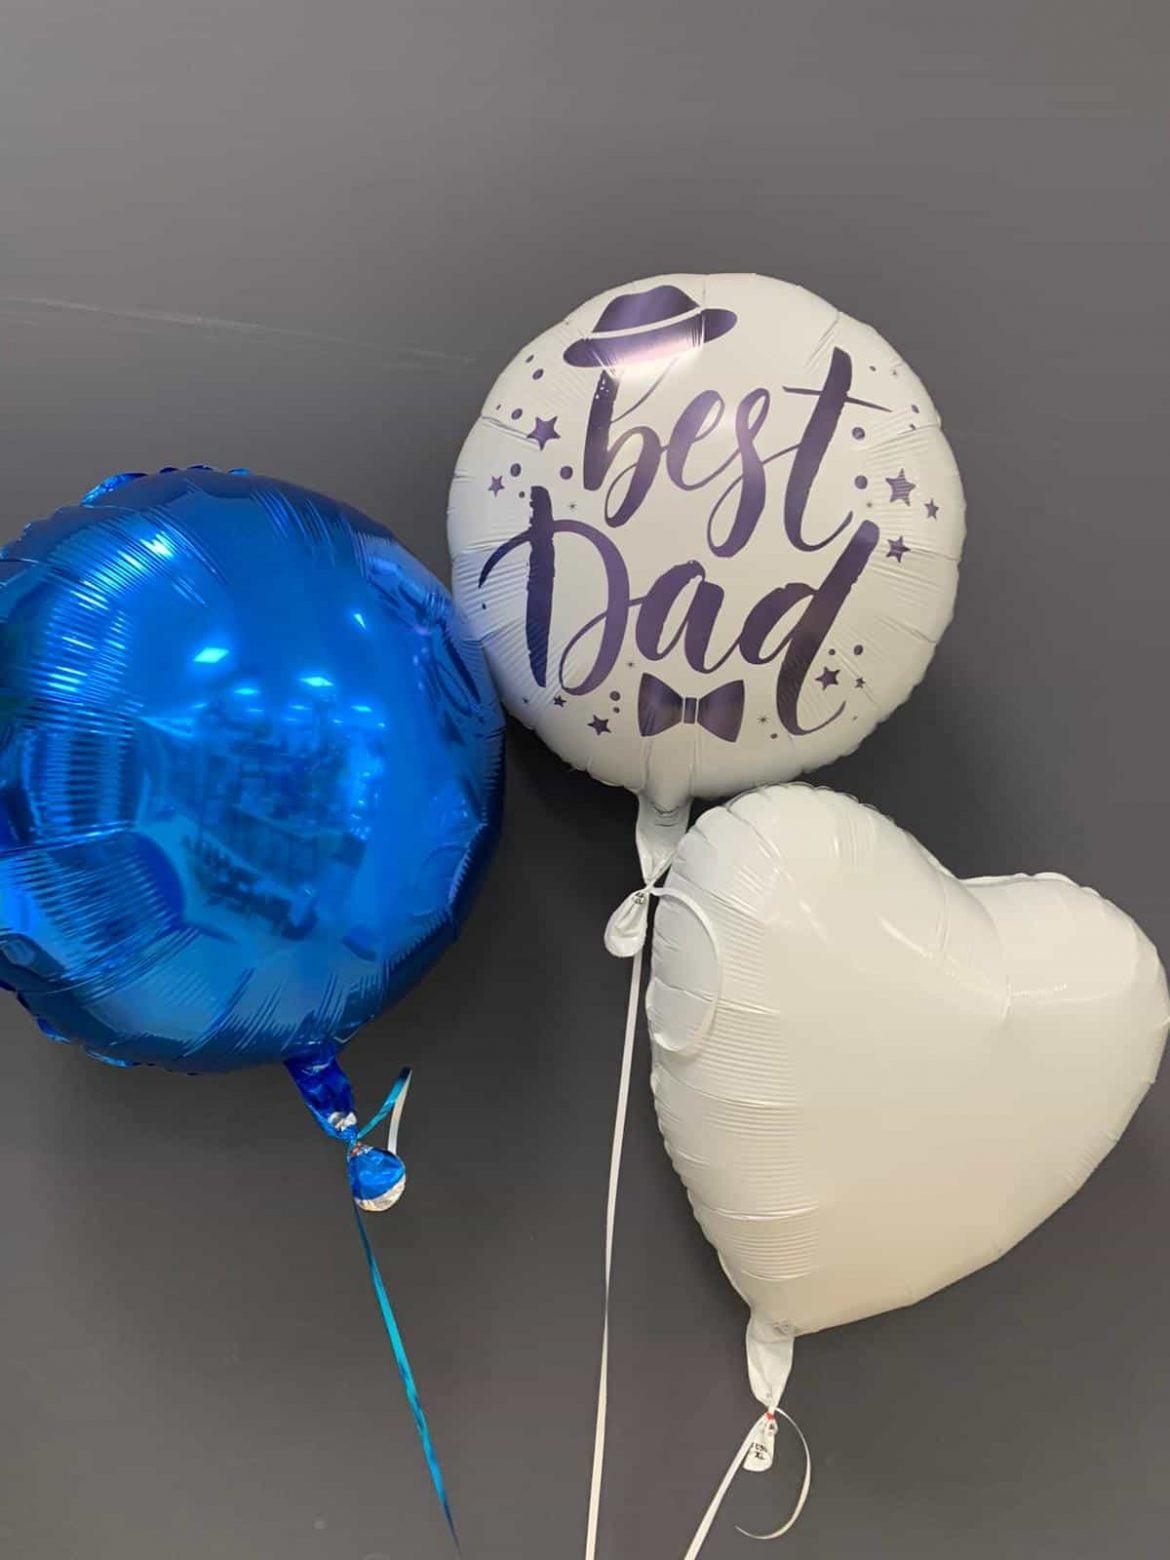 Best Dad € 5,90<br />Dekoballons € 4,50 1